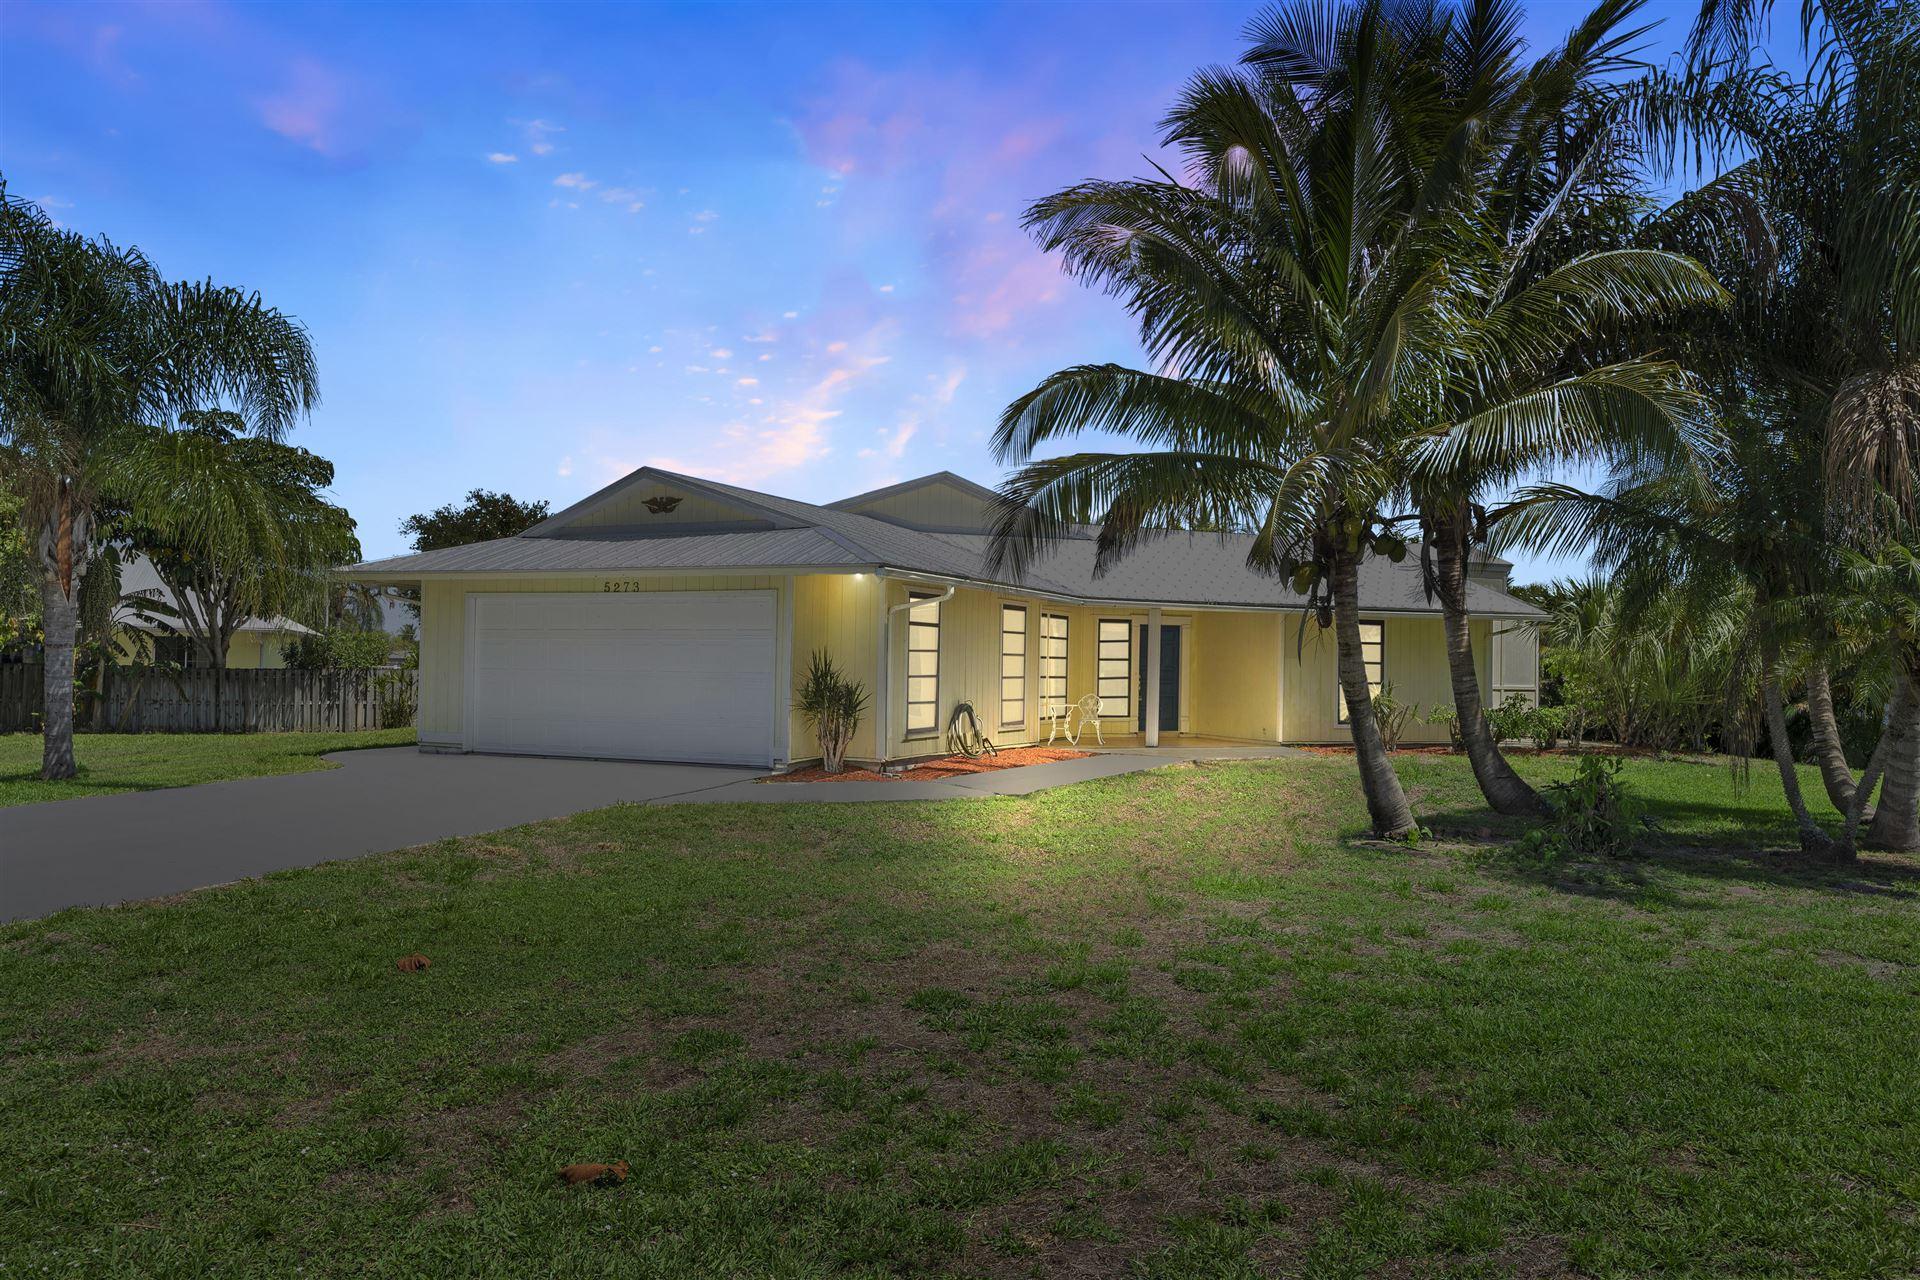 5273 SE Tall Pines Way, Stuart, FL 34997 - #: RX-10713052